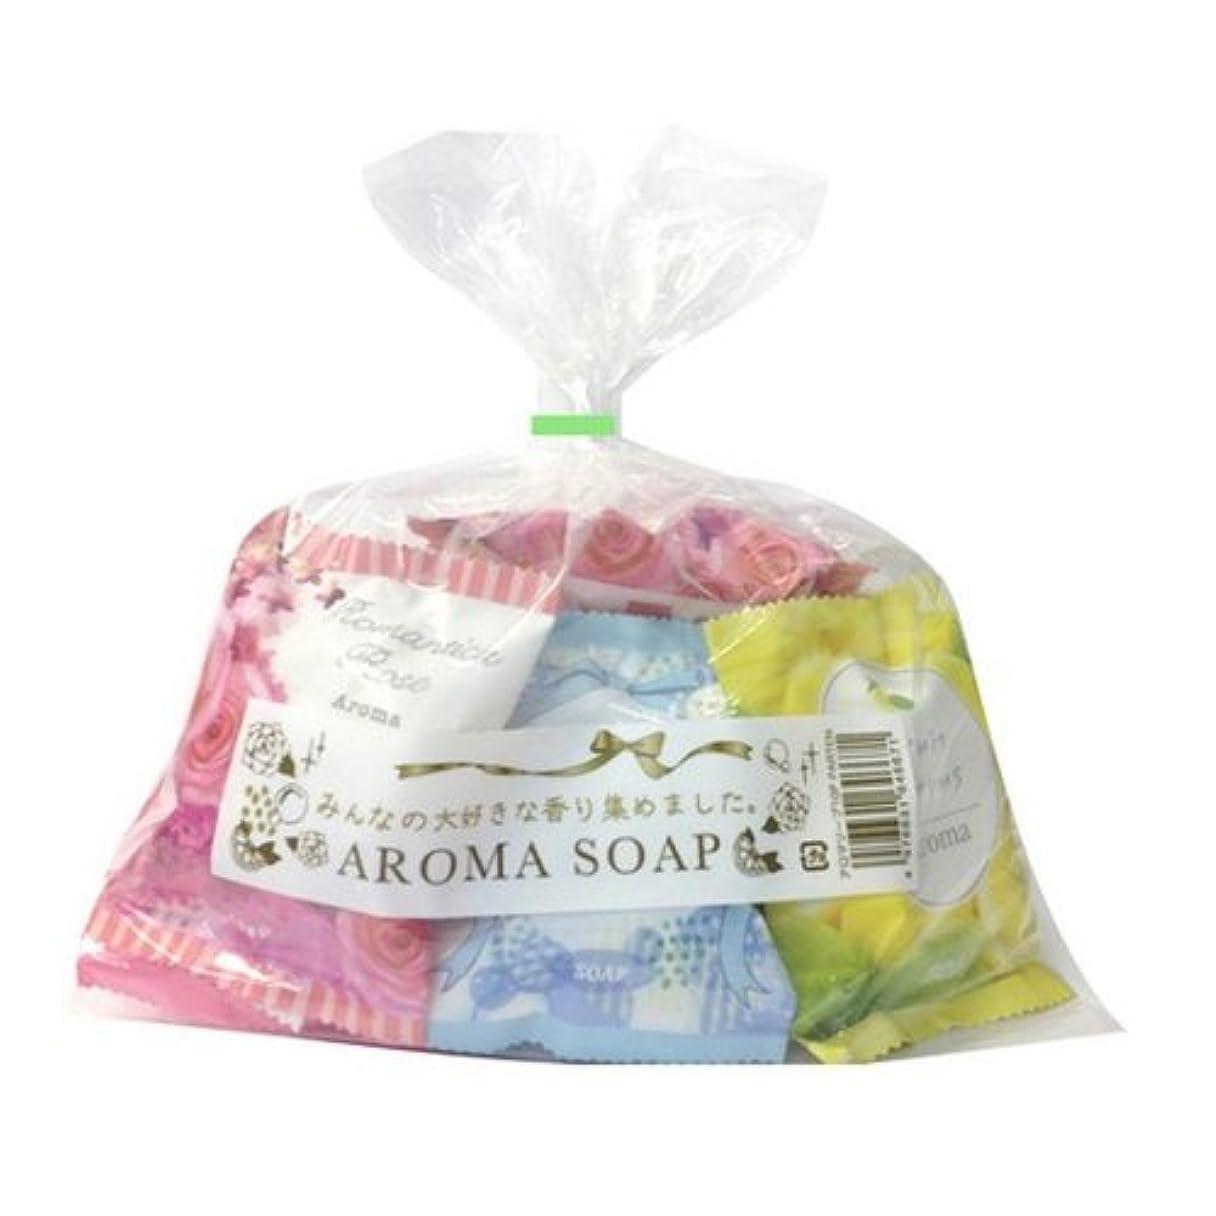 すばらしいです小包クアッガペリカン石鹸 アロマソープ 10個セット